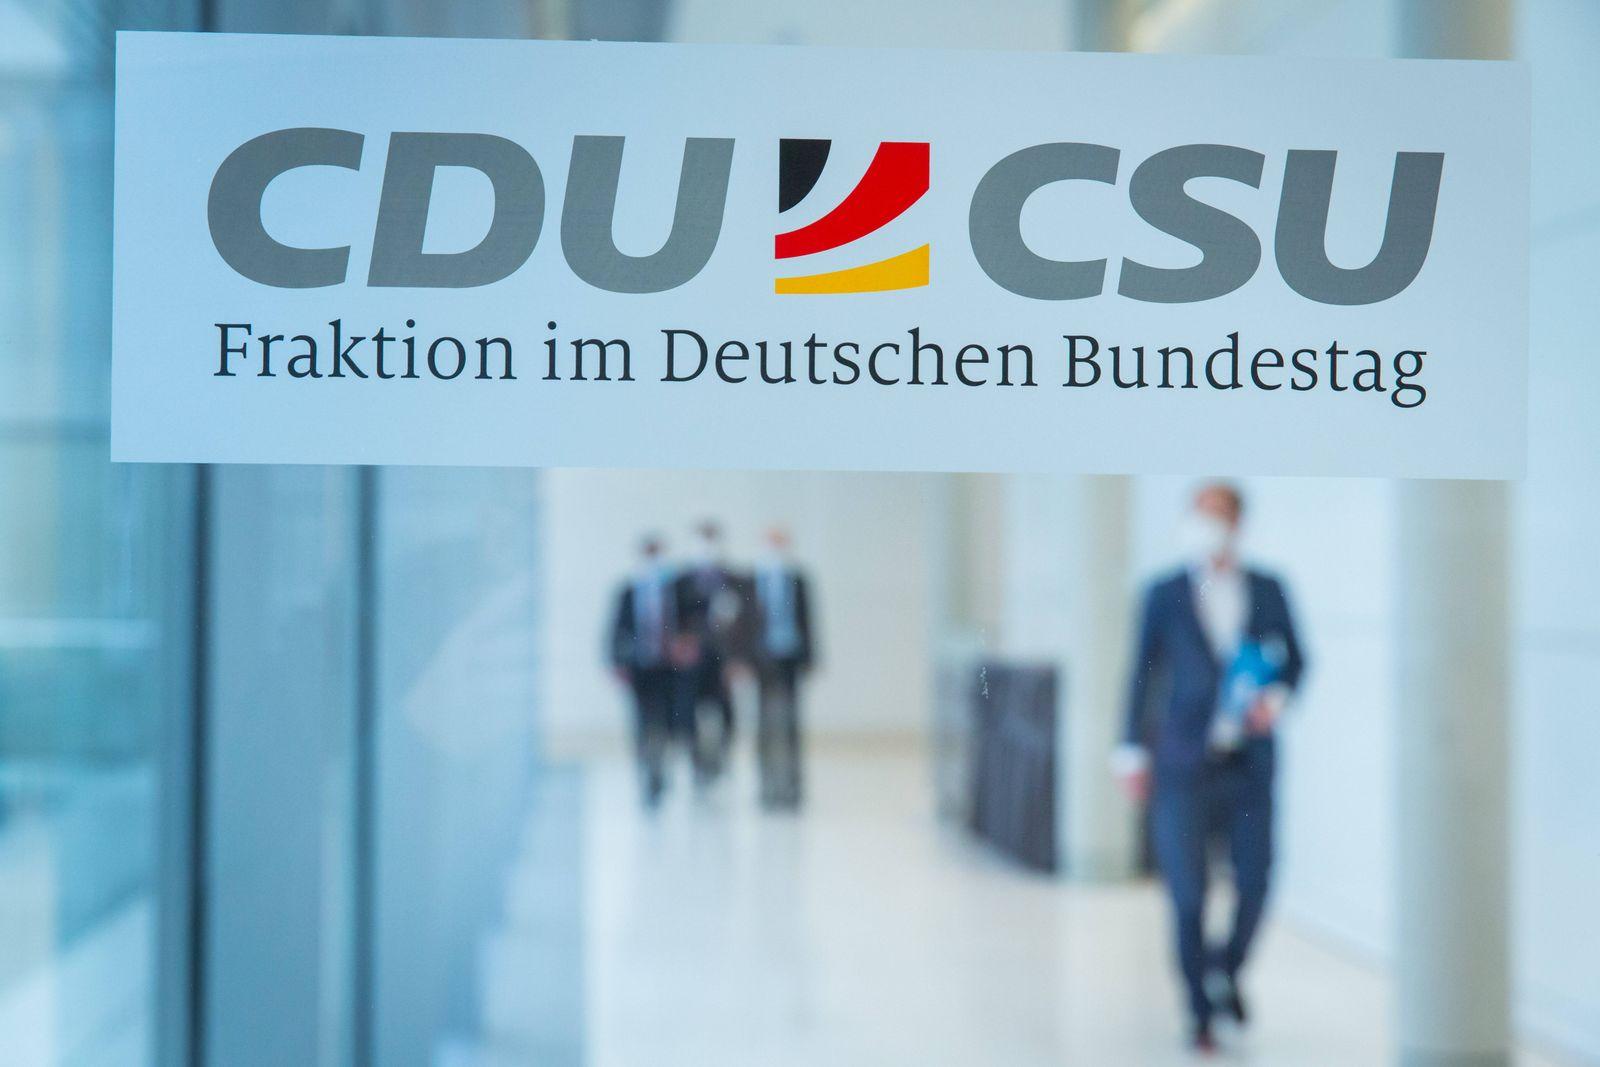 Berlin, Ralph Brinkhaus und Thorsten Frei gibt Pressekonferenz im Bundestag Das Logo der CDU CSU Fraktion im Deutschen B